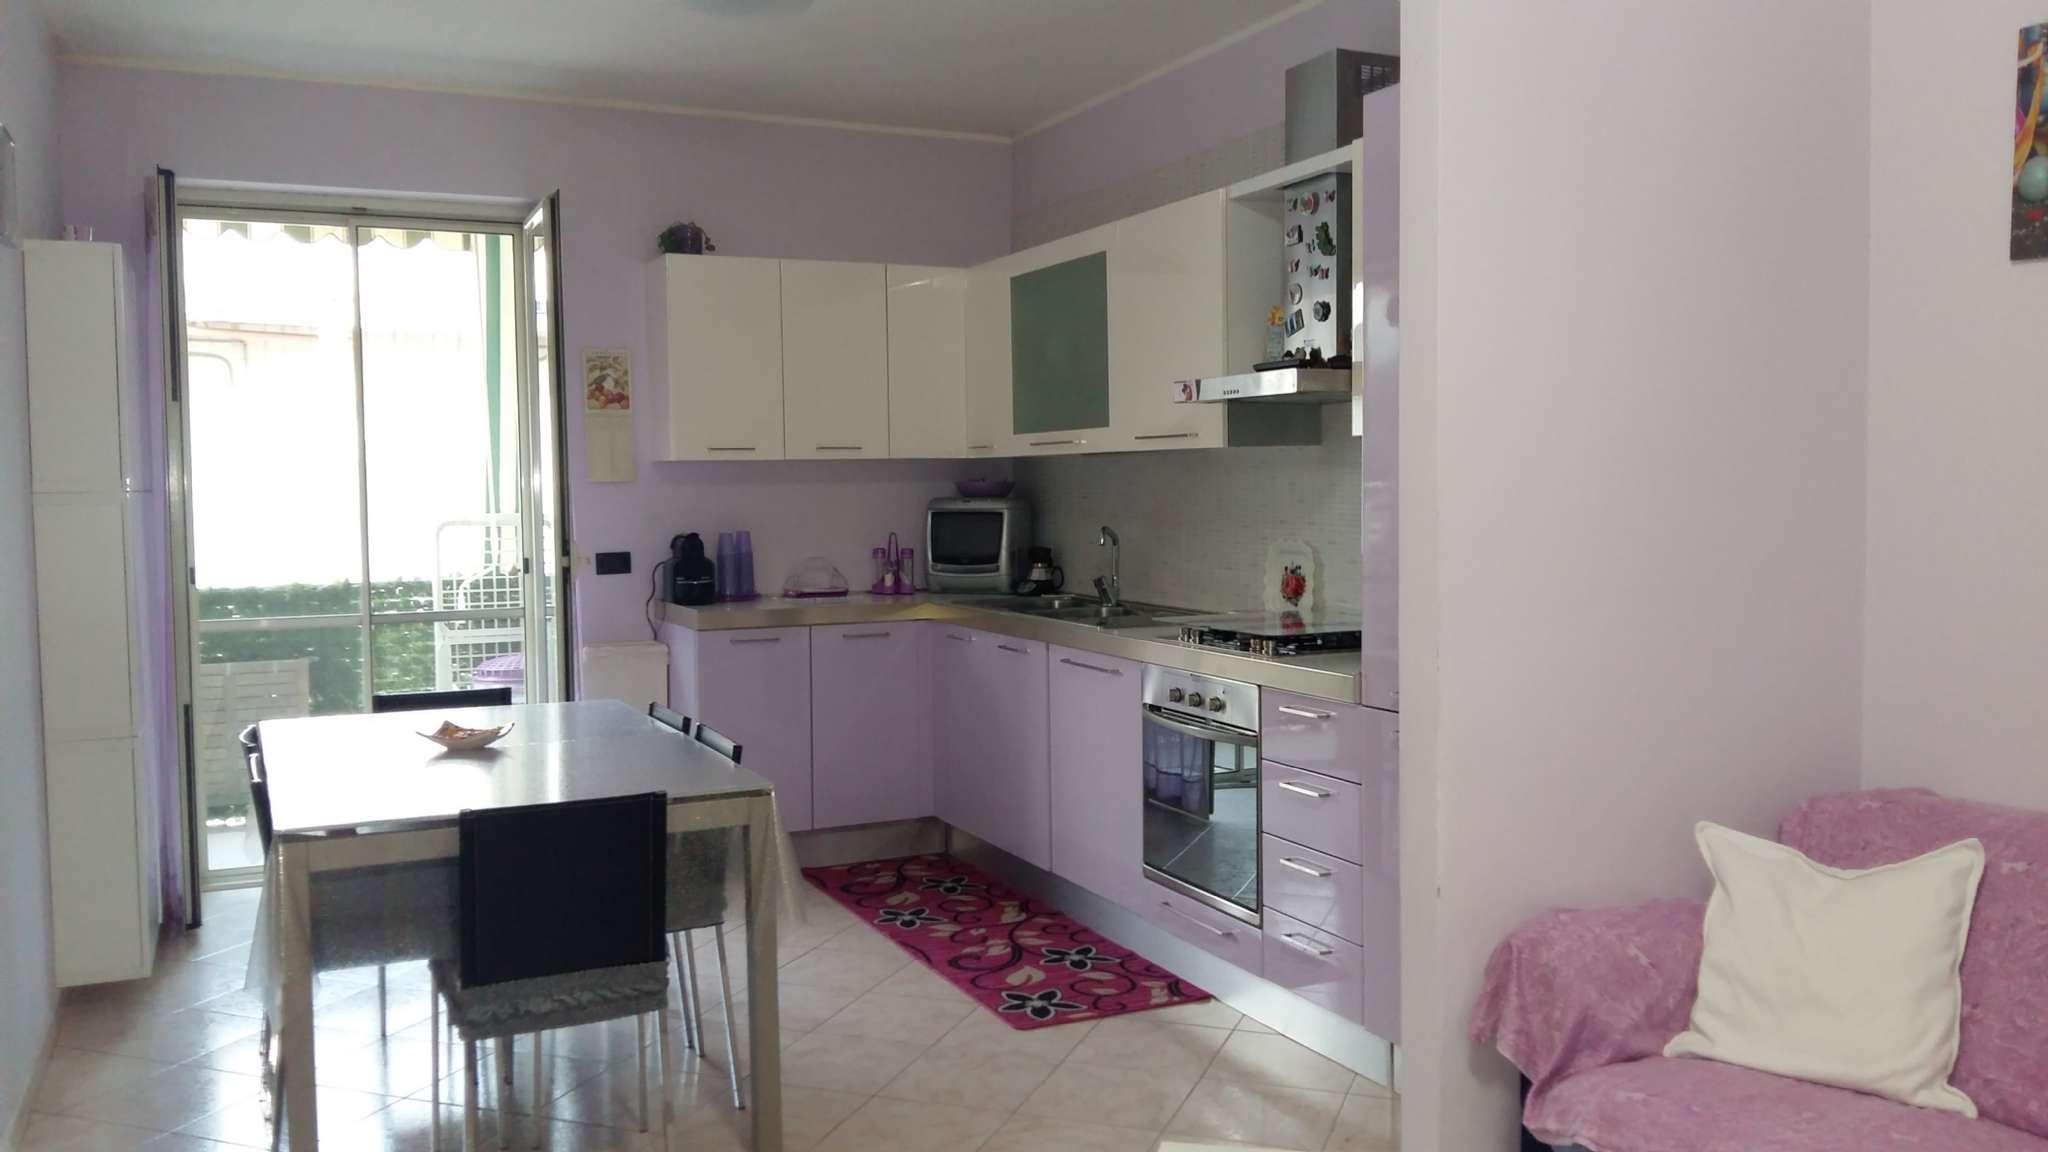 Appartamento in vendita a Mariglianella, 3 locali, prezzo € 135.000 | CambioCasa.it